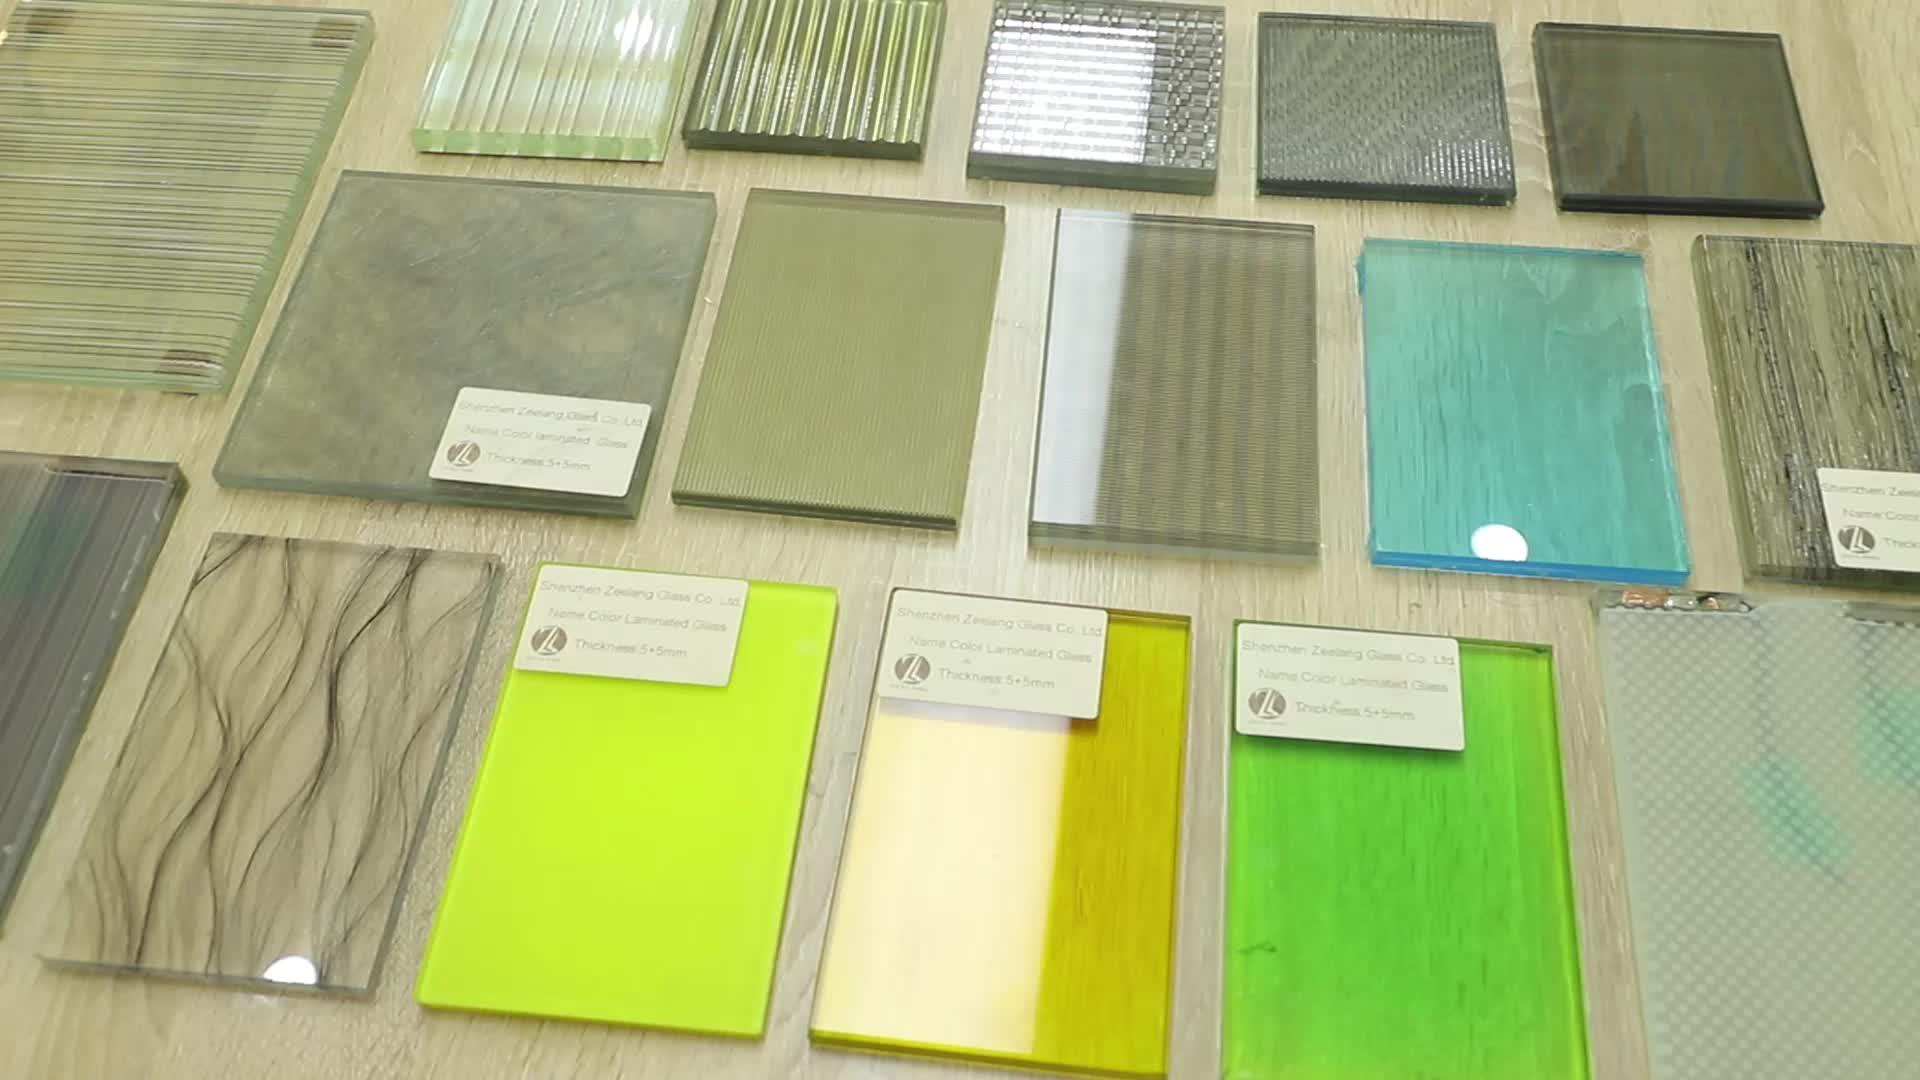 Chất lượng cao googd giá an toàn tempered kính nhiều lớp để xây dựng trang trí